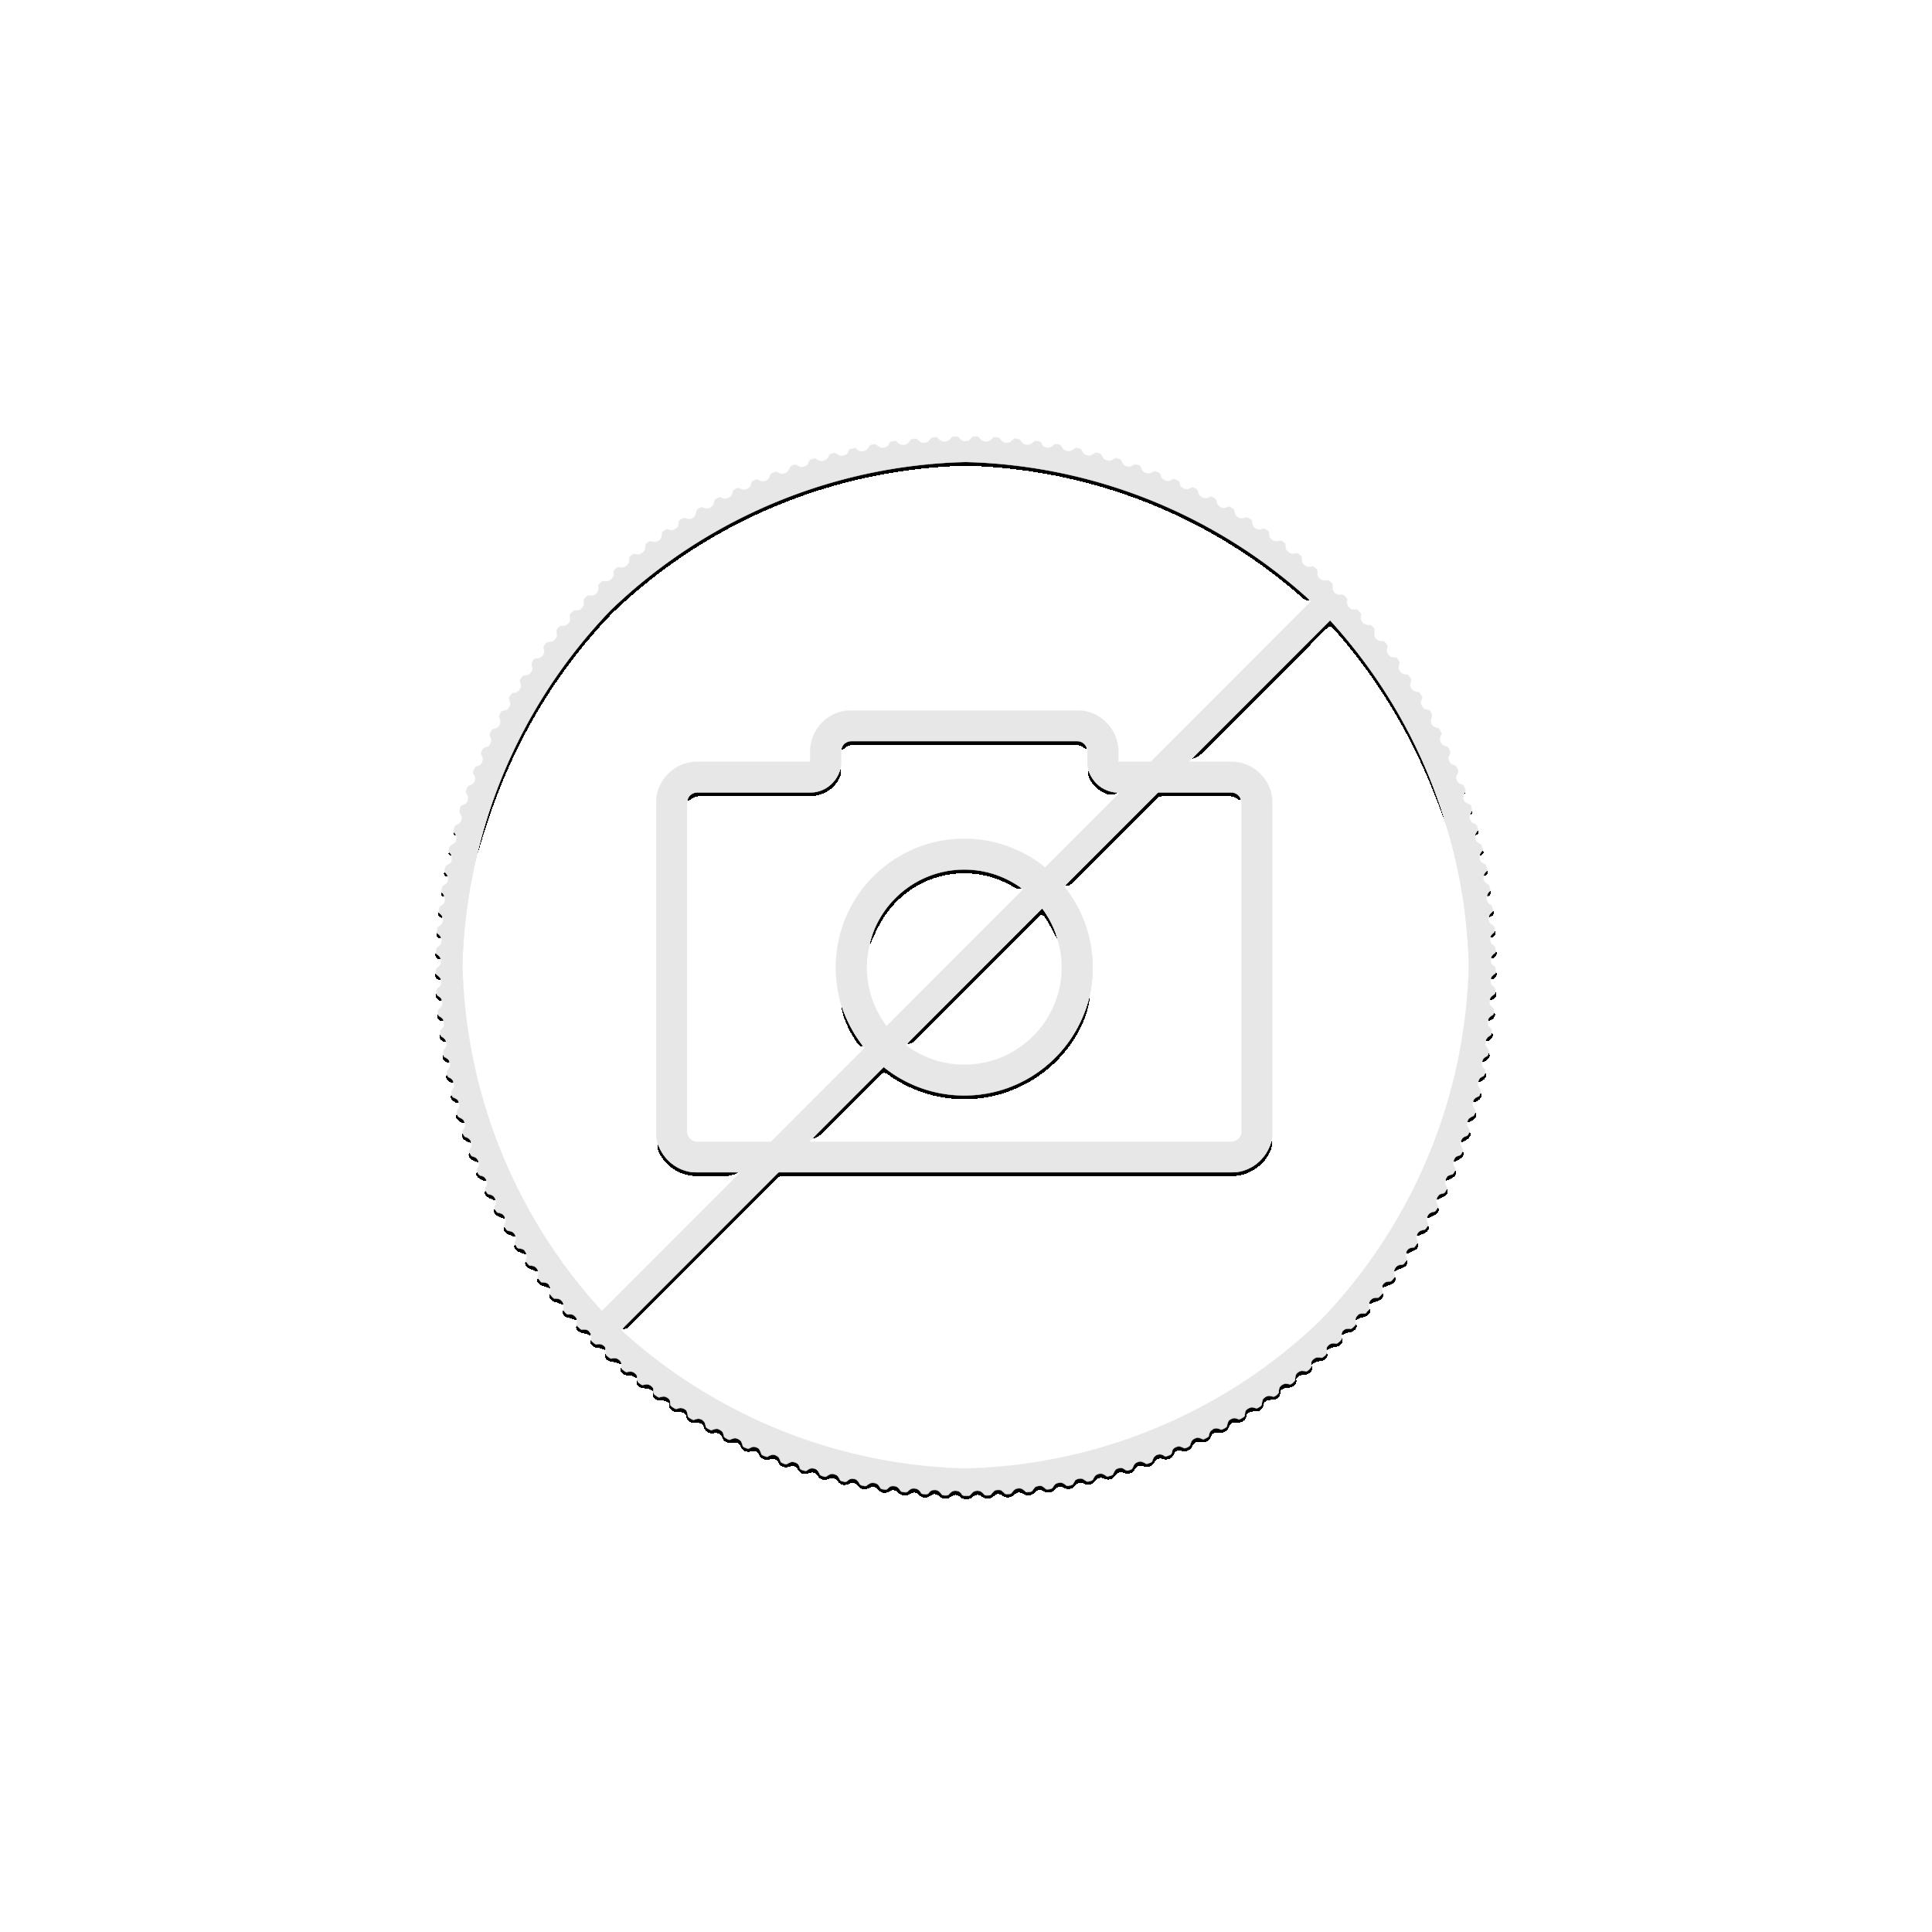 Gold 1/2 Sovereign coin 2020